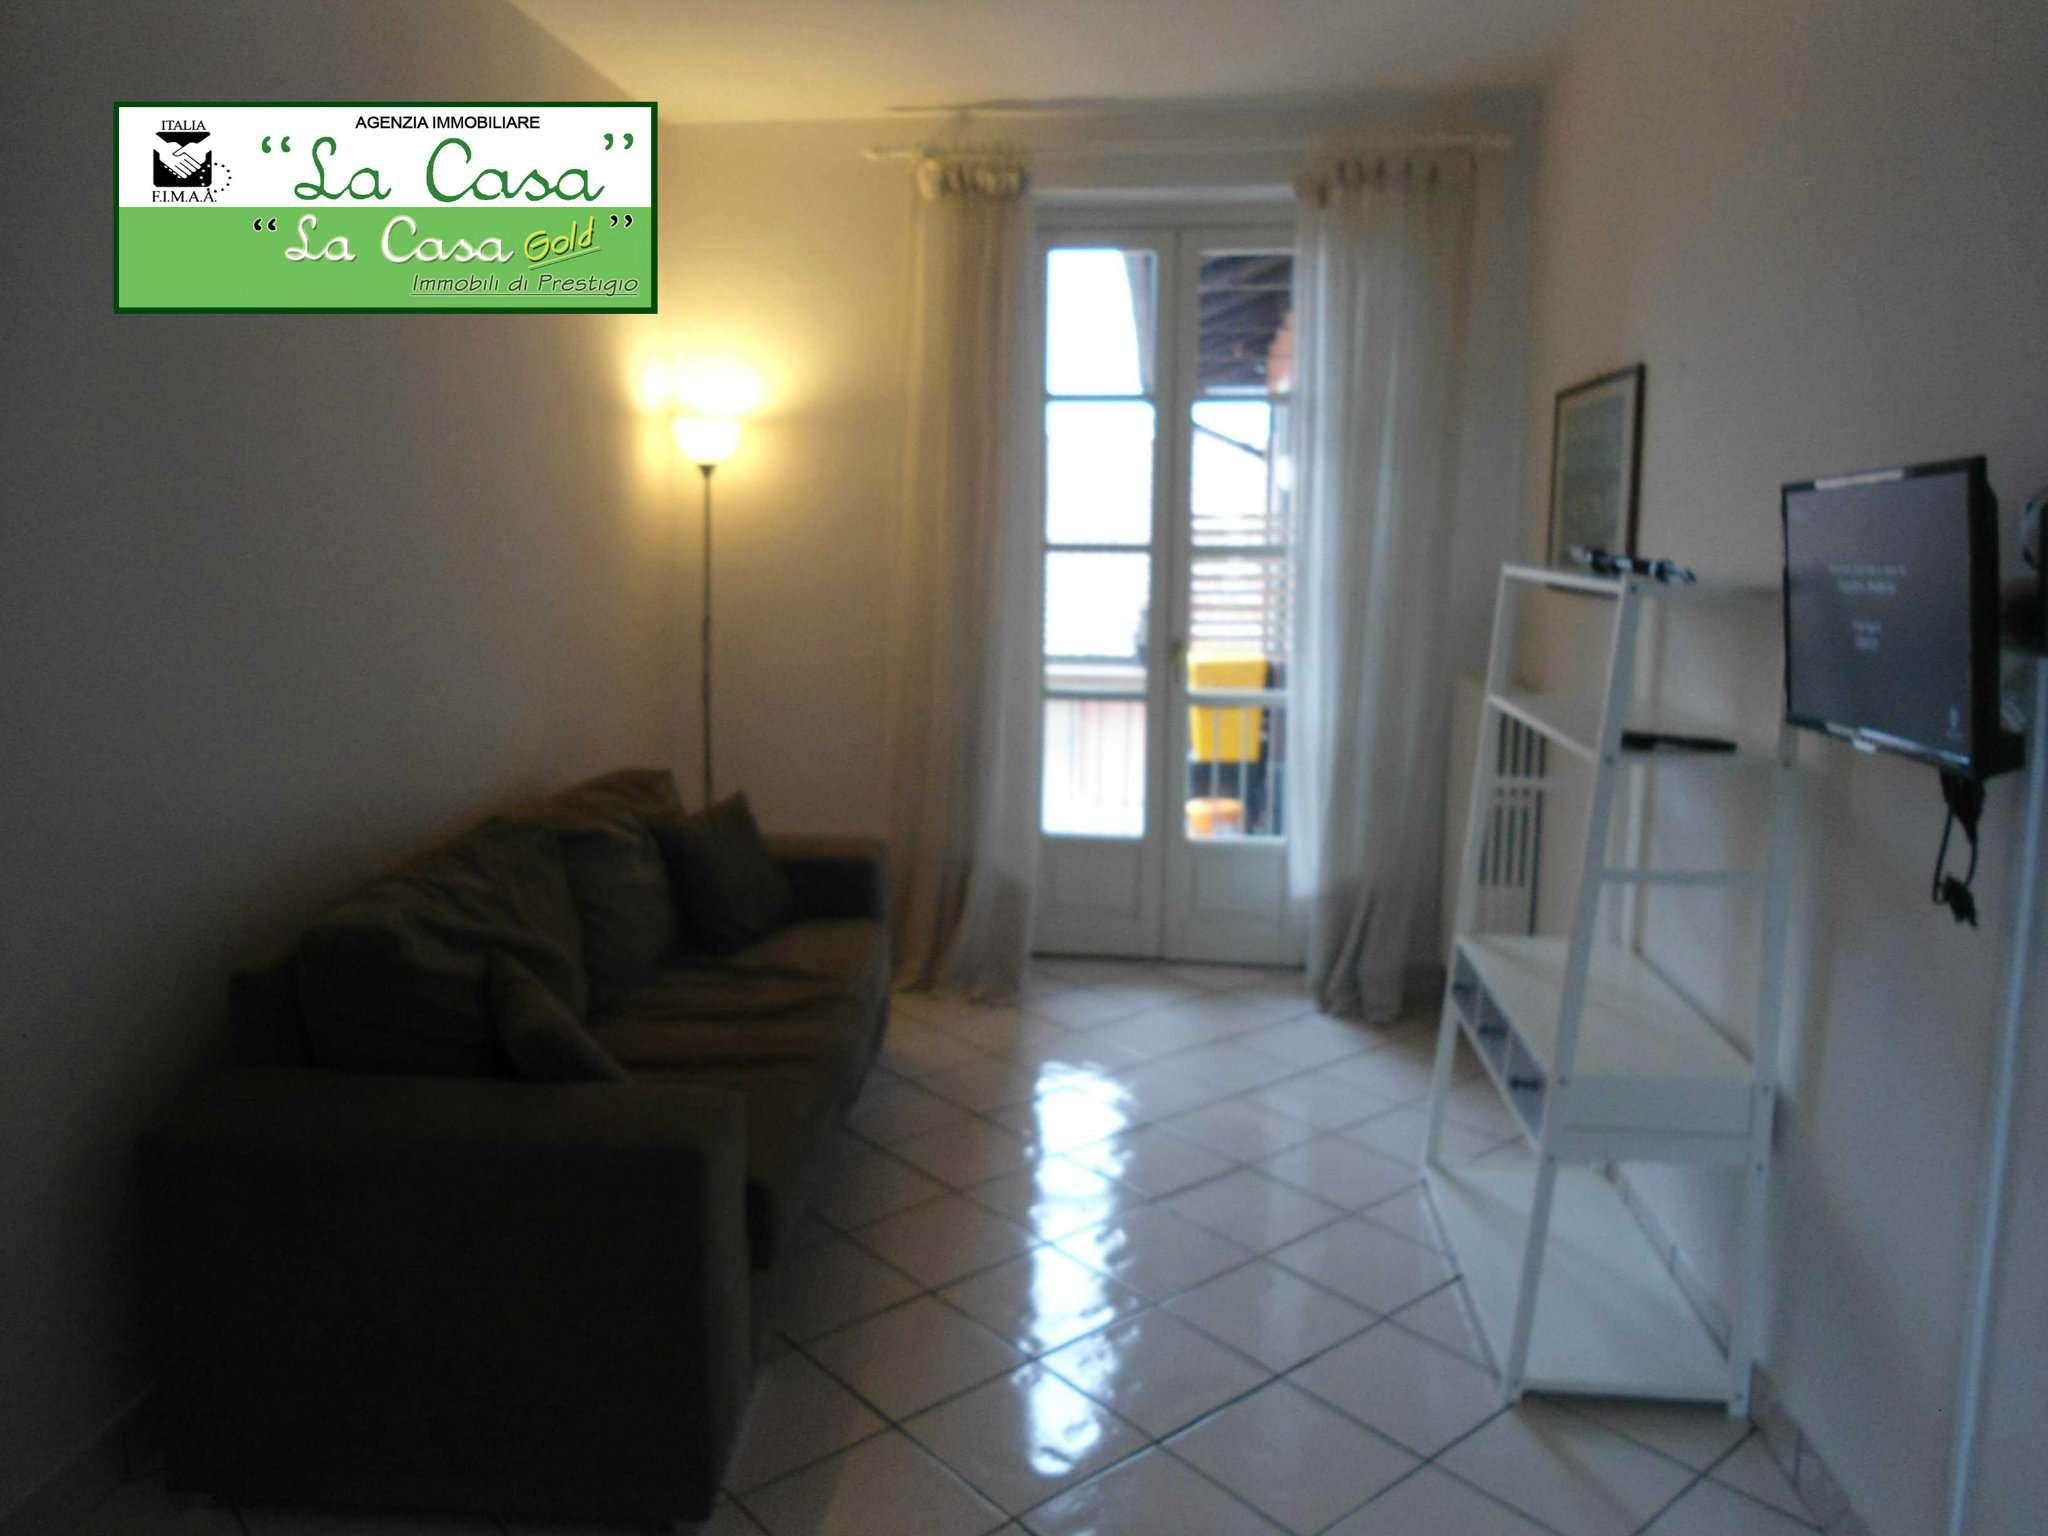 Appartamento in affitto a Villanova d'Asti, 3 locali, prezzo € 420 | CambioCasa.it